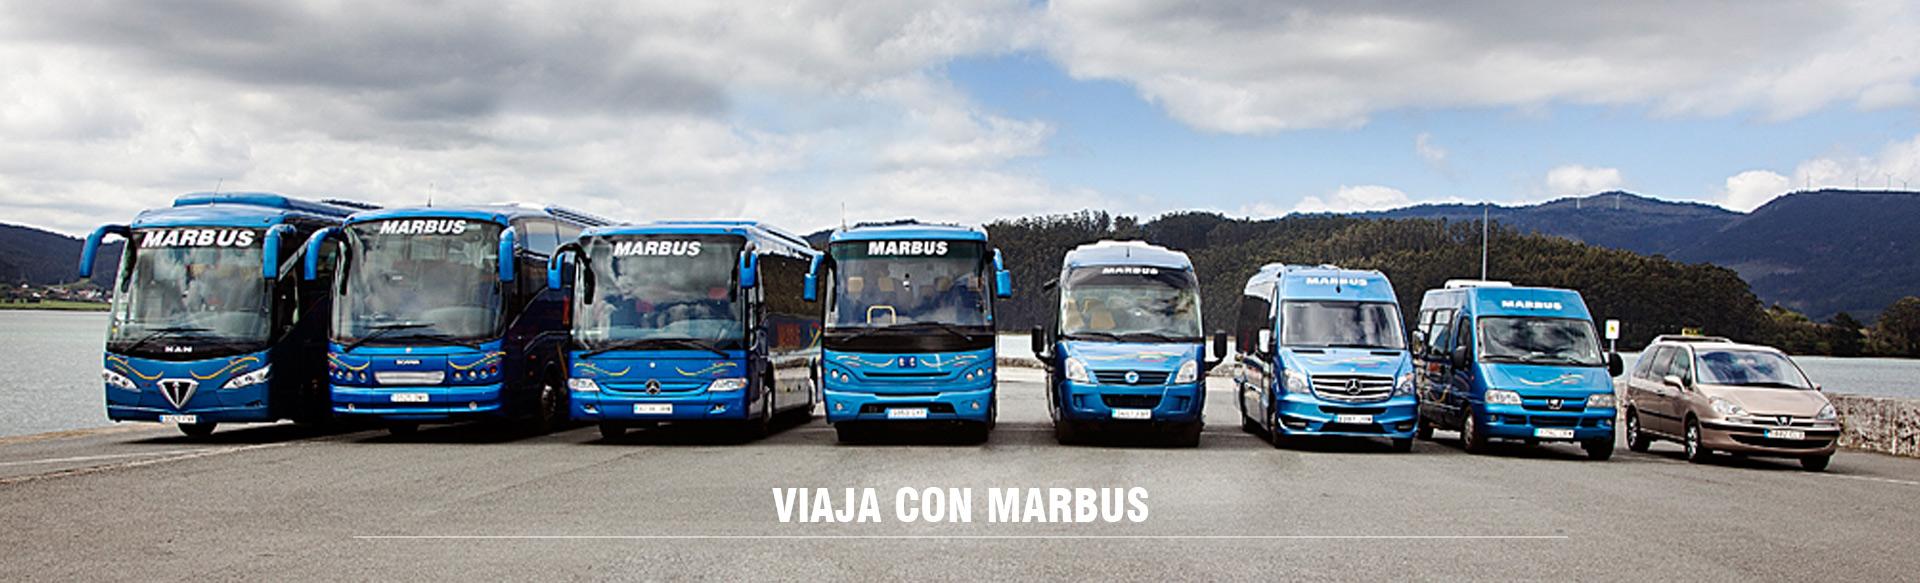 Autos Marbus